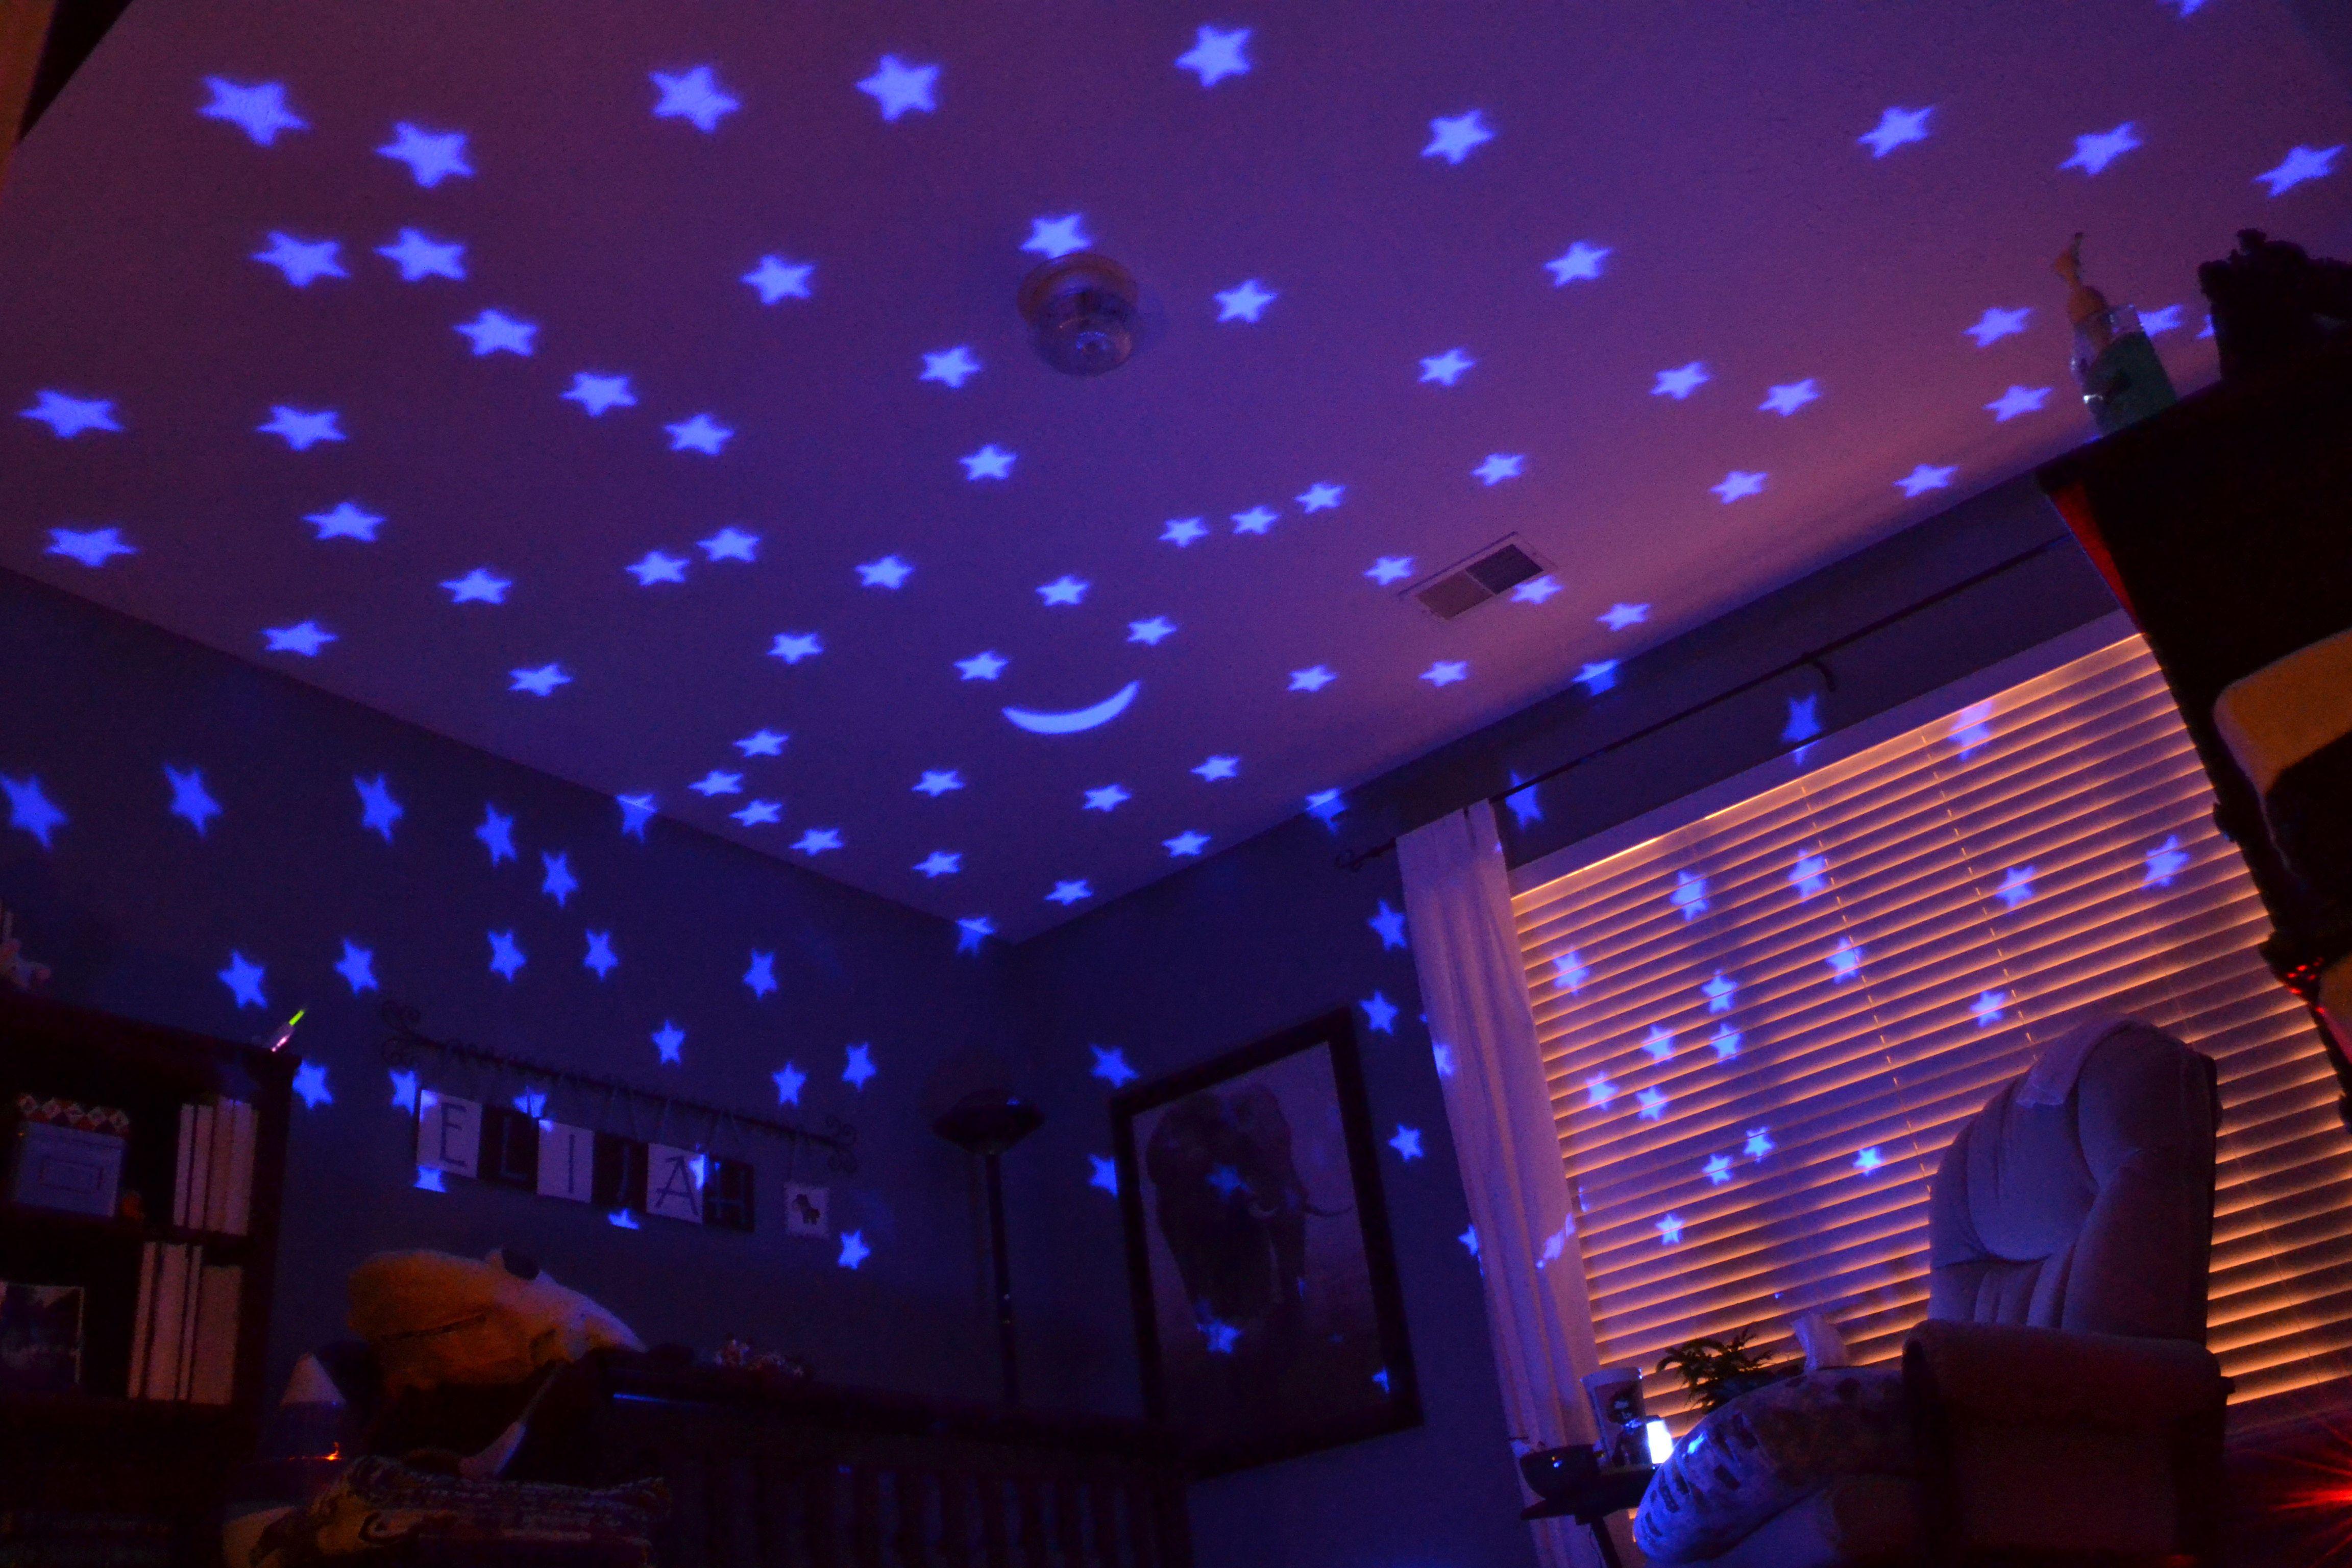 что потолок в зале сиренево розовое звездное небо фото более удивительно